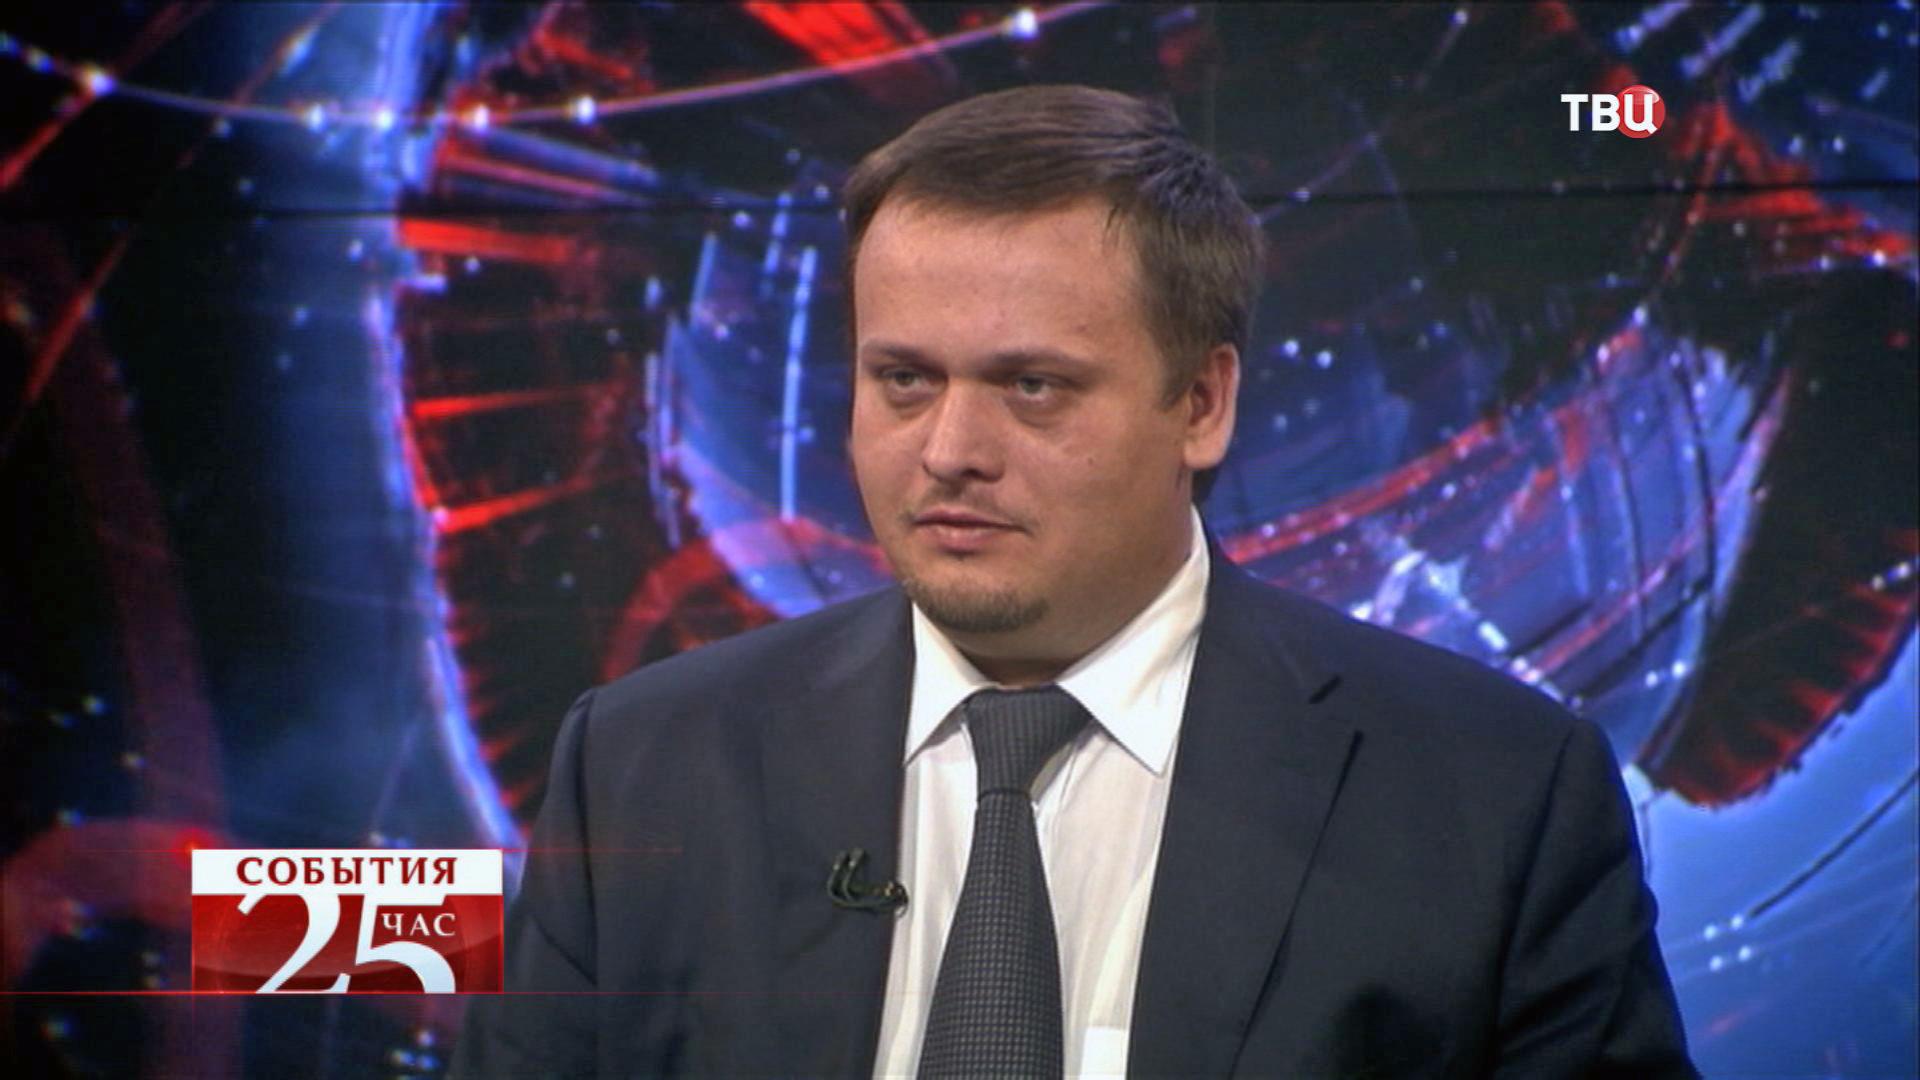 Генеральный директор Агентства стратегических инициатив, Андрей Никитин